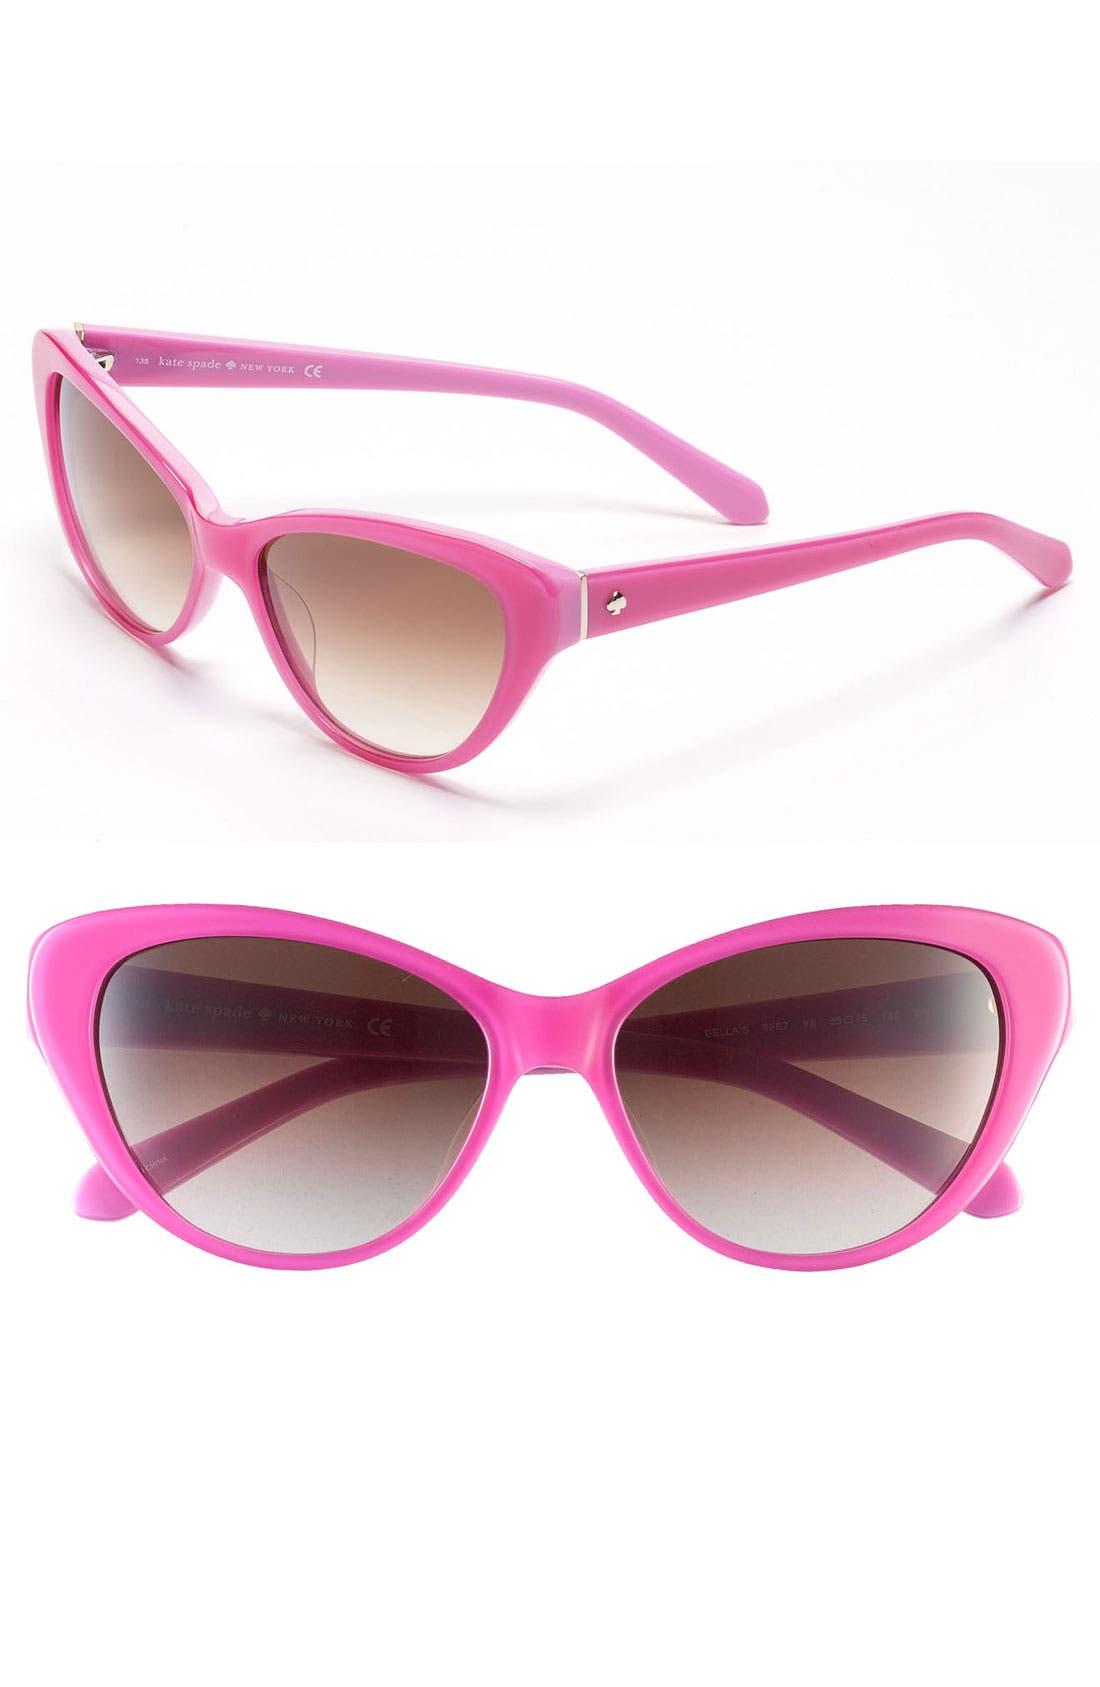 Main Image - kate spade new york 'della' 55mm sunglasses